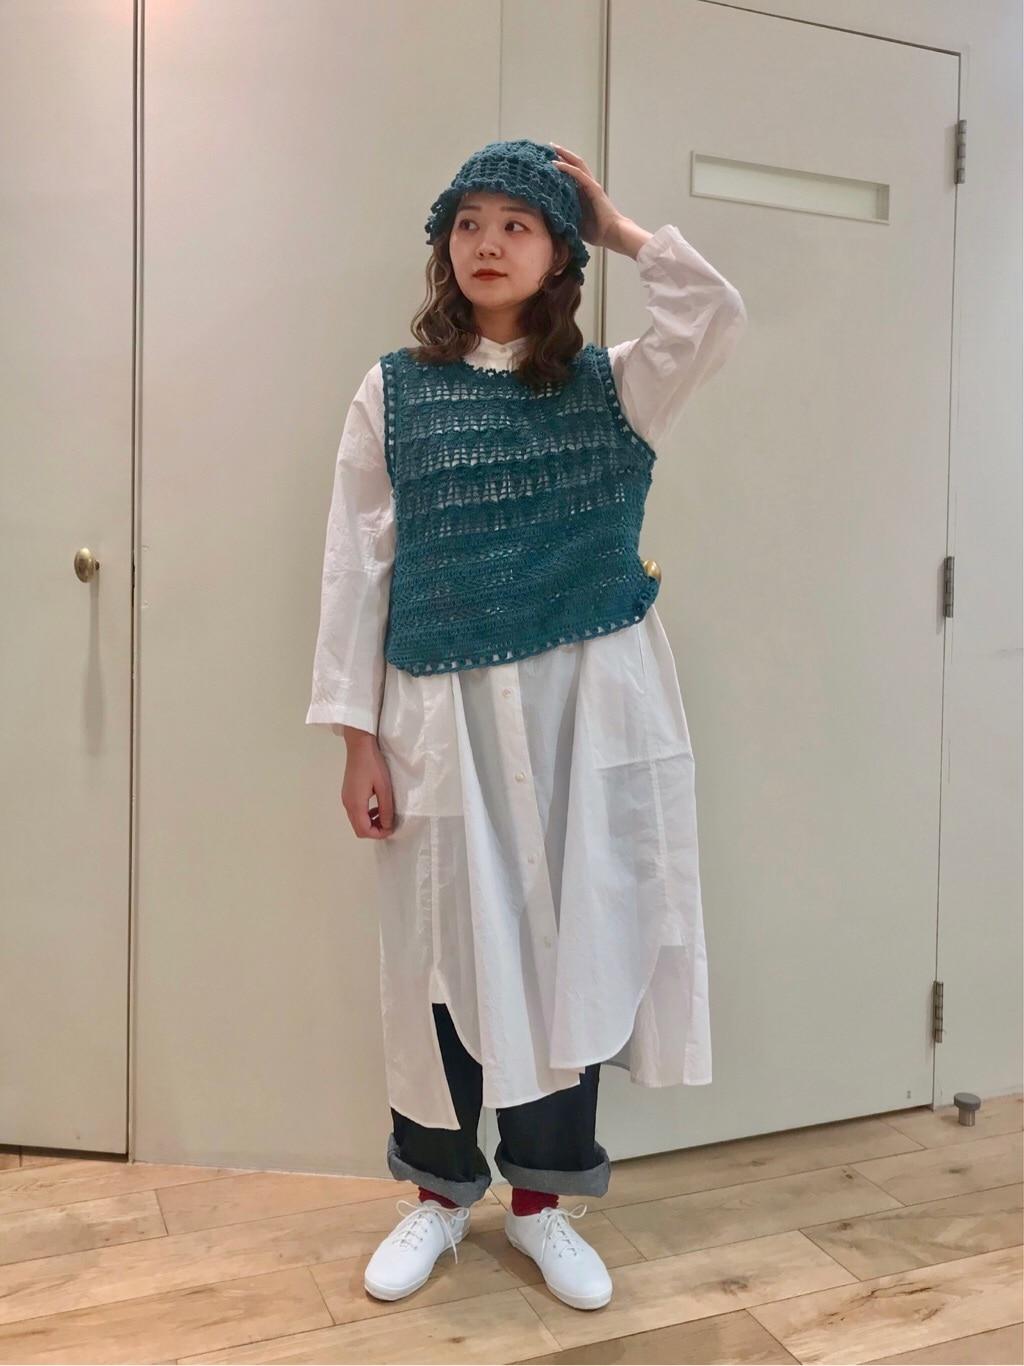 l'atelier du savon 東京スカイツリータウン・ソラマチ 身長:154cm 2021.03.10